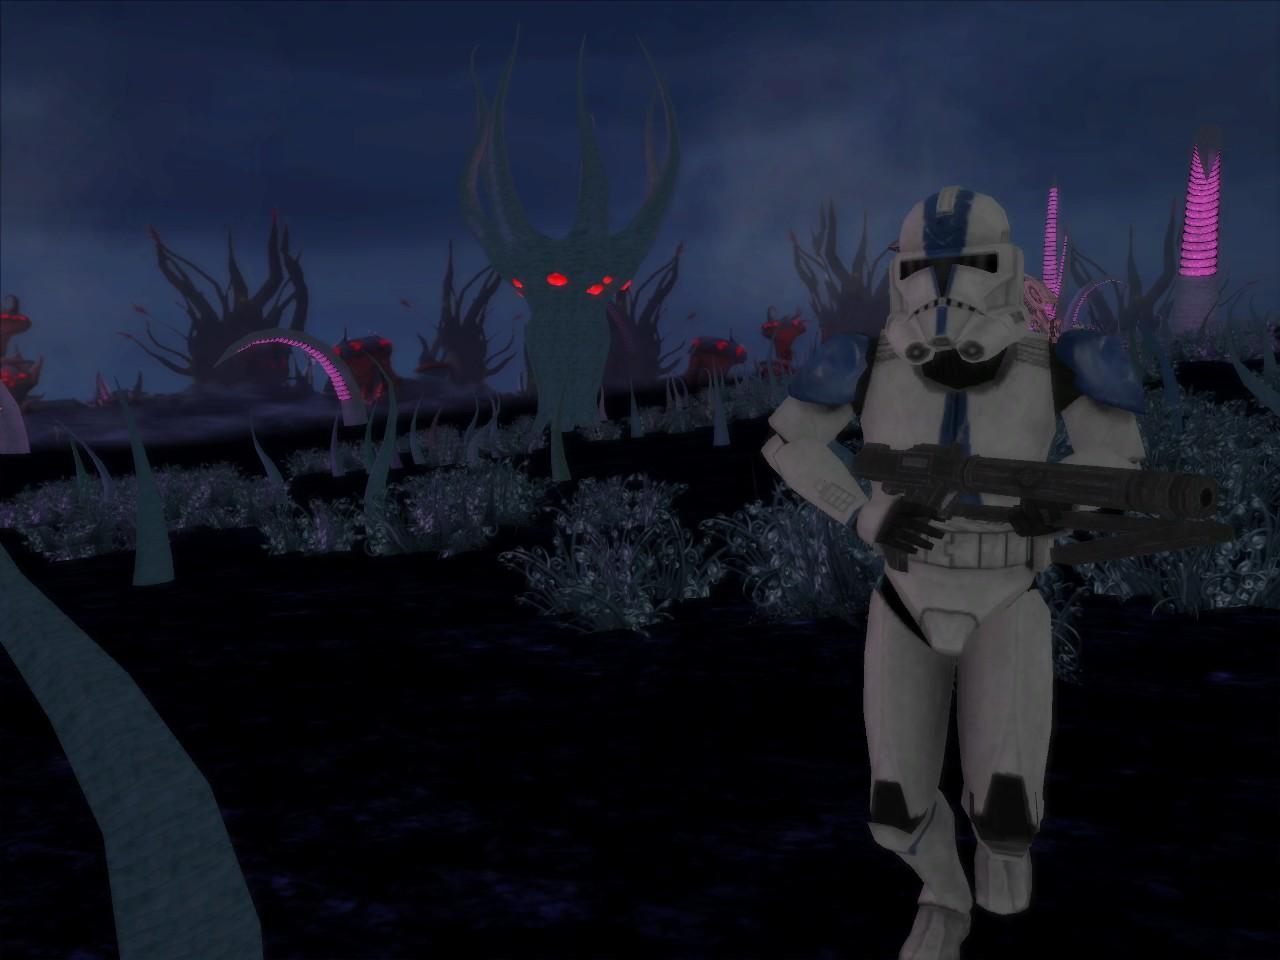 501st Clone Trooper Umbarra